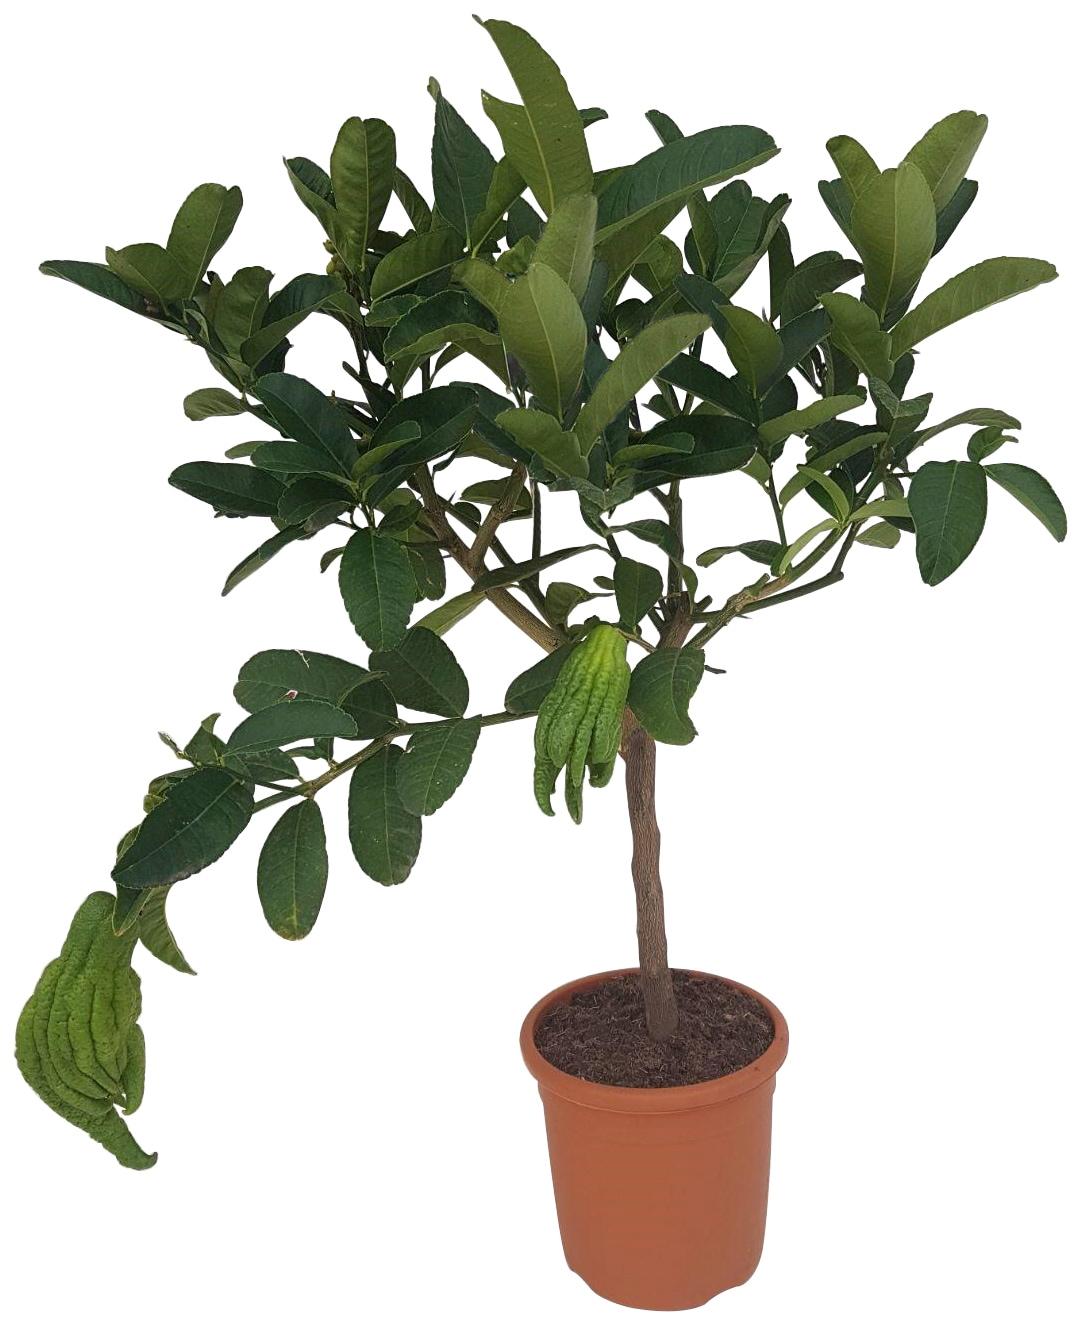 BCM Obstbaum Buddhas Hand, Höhe: 70 cm, 1 Pflanze grün Obst Pflanzen Garten Balkon